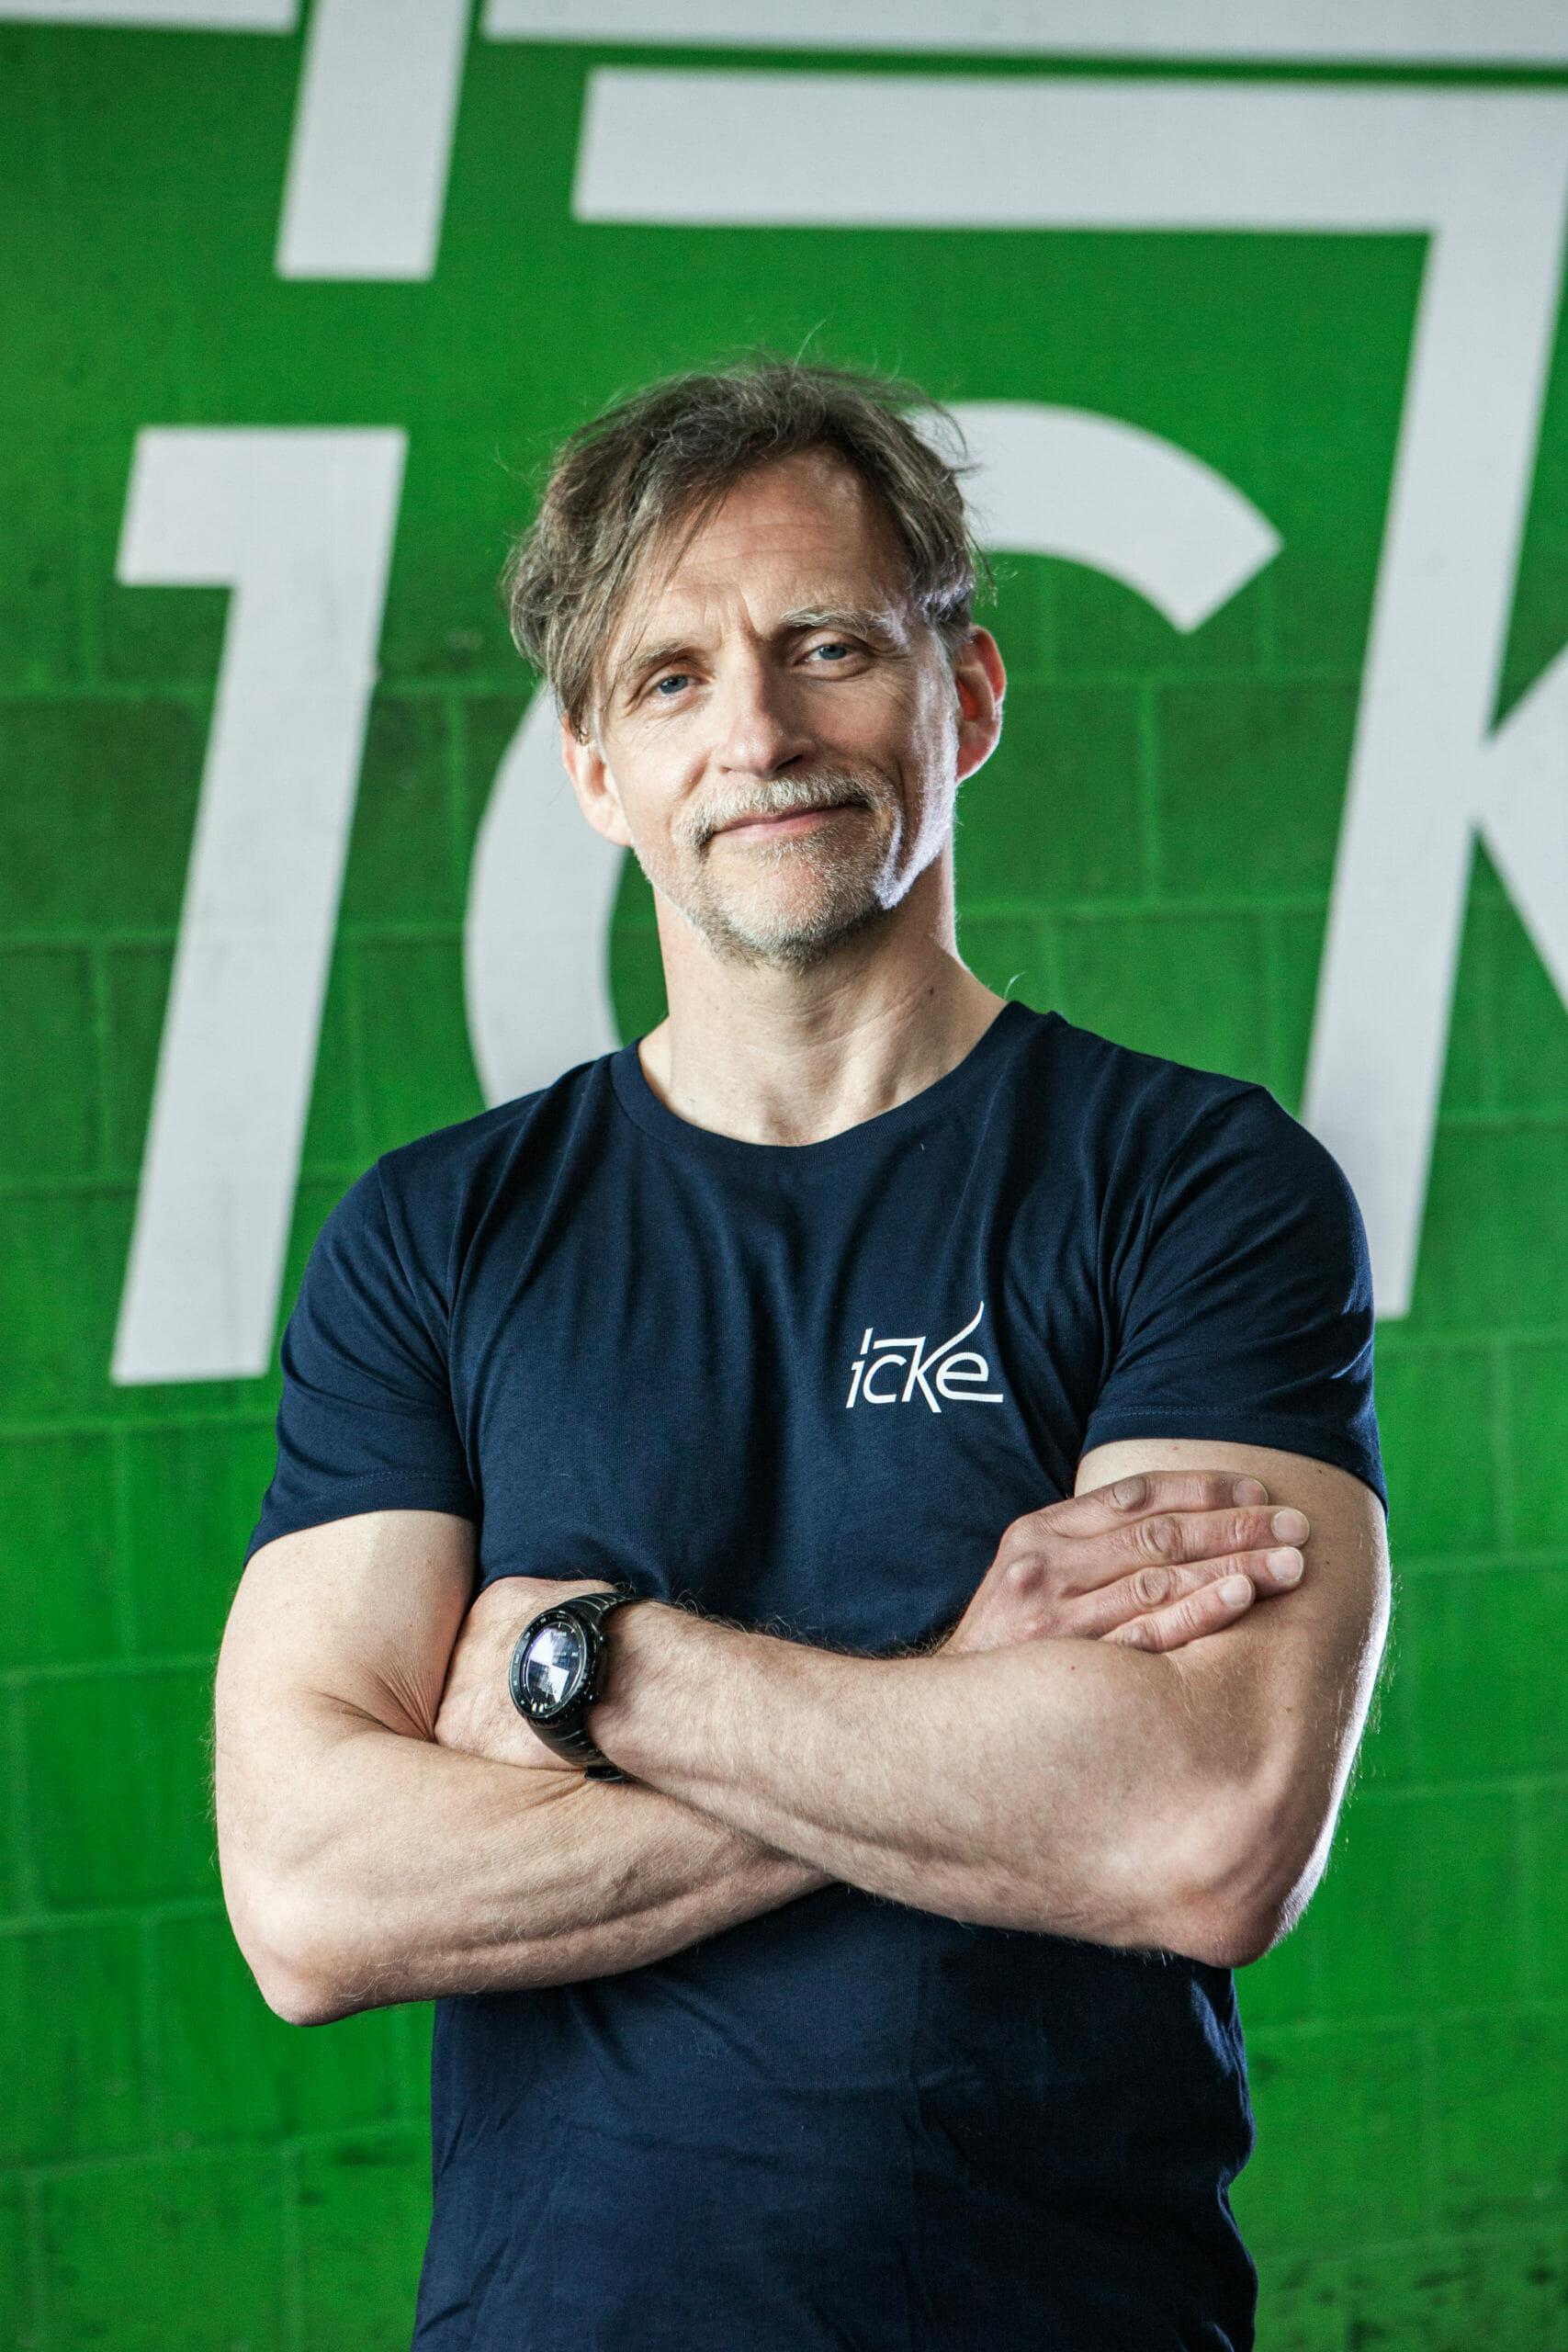 Marek Sniowski - Team Icke Training